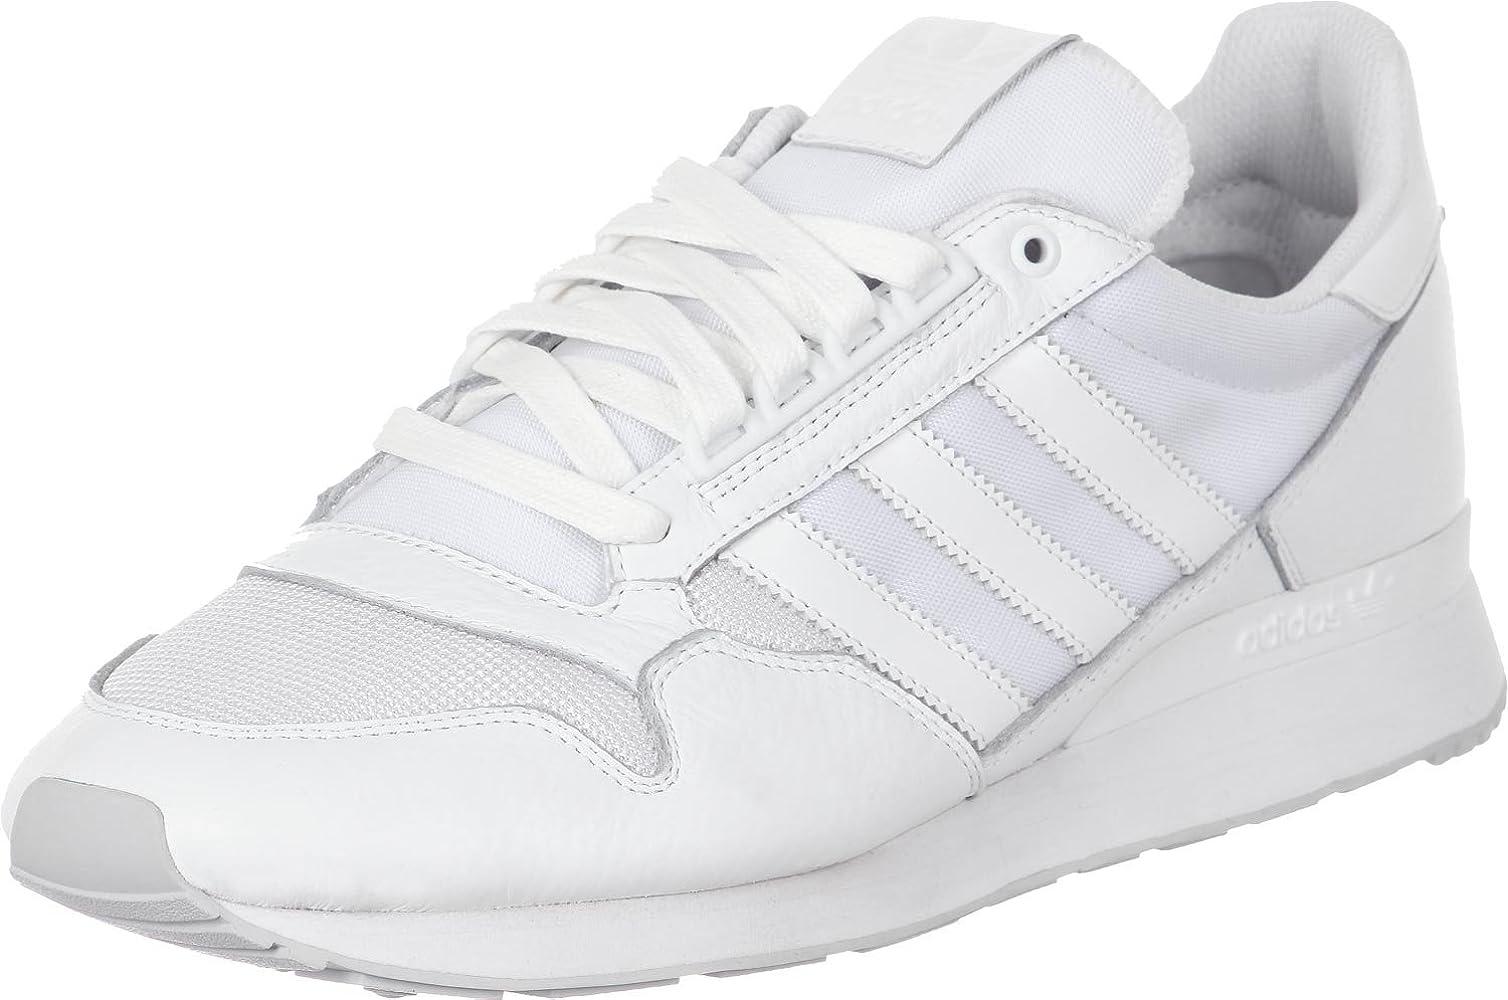 ADIDAS ZX 500 OG B25294, Zapatillas para Hombre, Blanco, 46 EU: Amazon.es: Zapatos y complementos